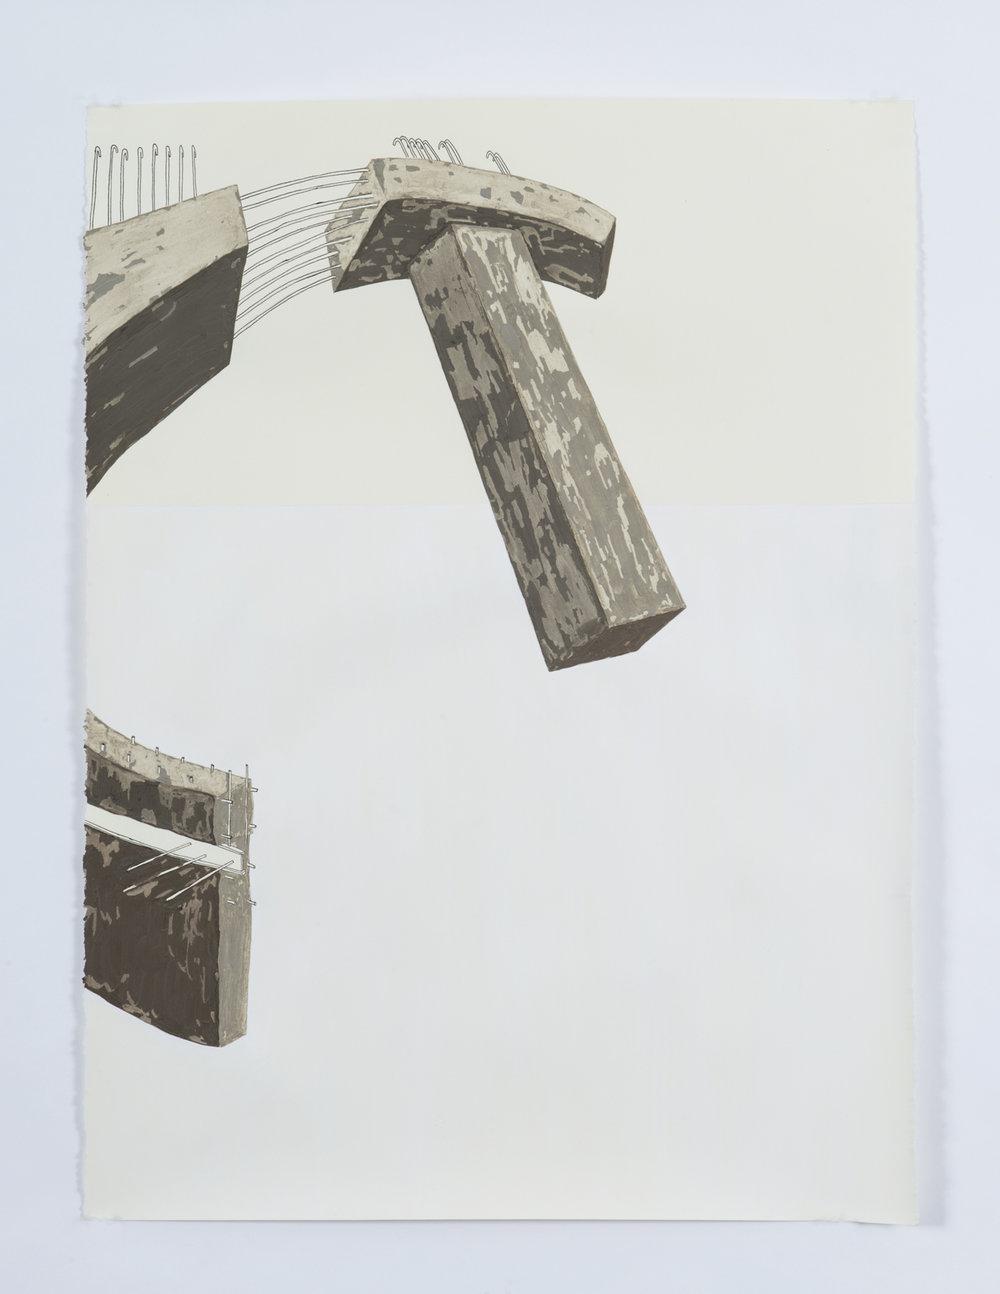 artifact, 2016